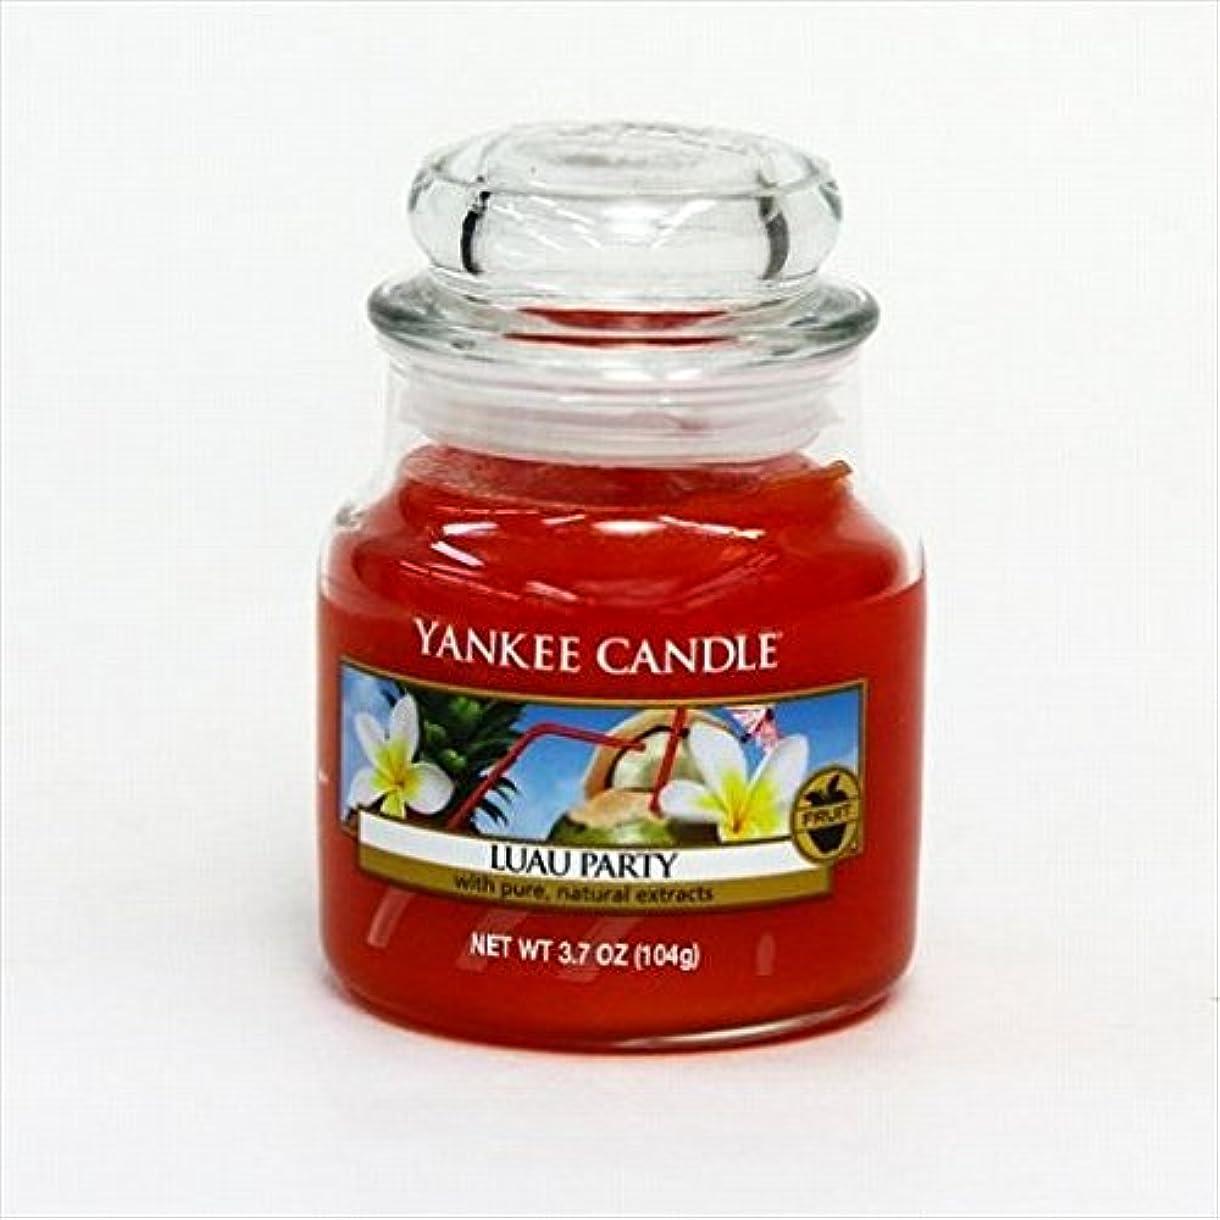 配管工ムスタチオ暴徒kameyama candle(カメヤマキャンドル) YANKEE CANDLE ジャーS 「 ルーアウパーティ 」 キャンドル 64x64x88mm (K00305223)